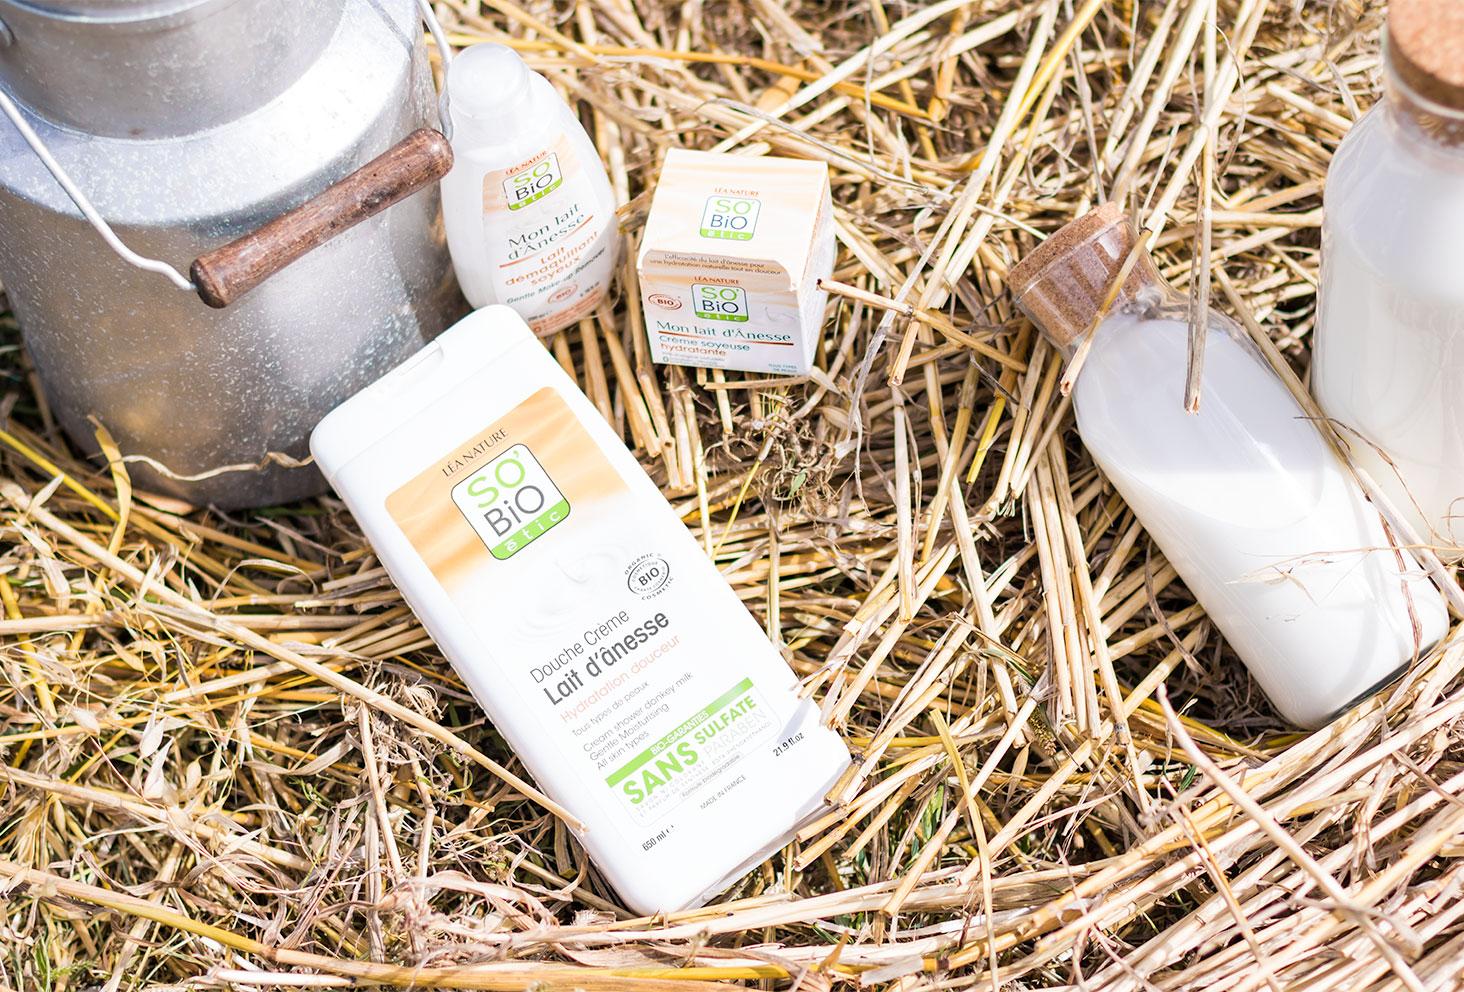 Présentation de la crème de douche au lait d'ânesse de la gamme Mon lait d'Ânesse de la marque SO'BiO étic